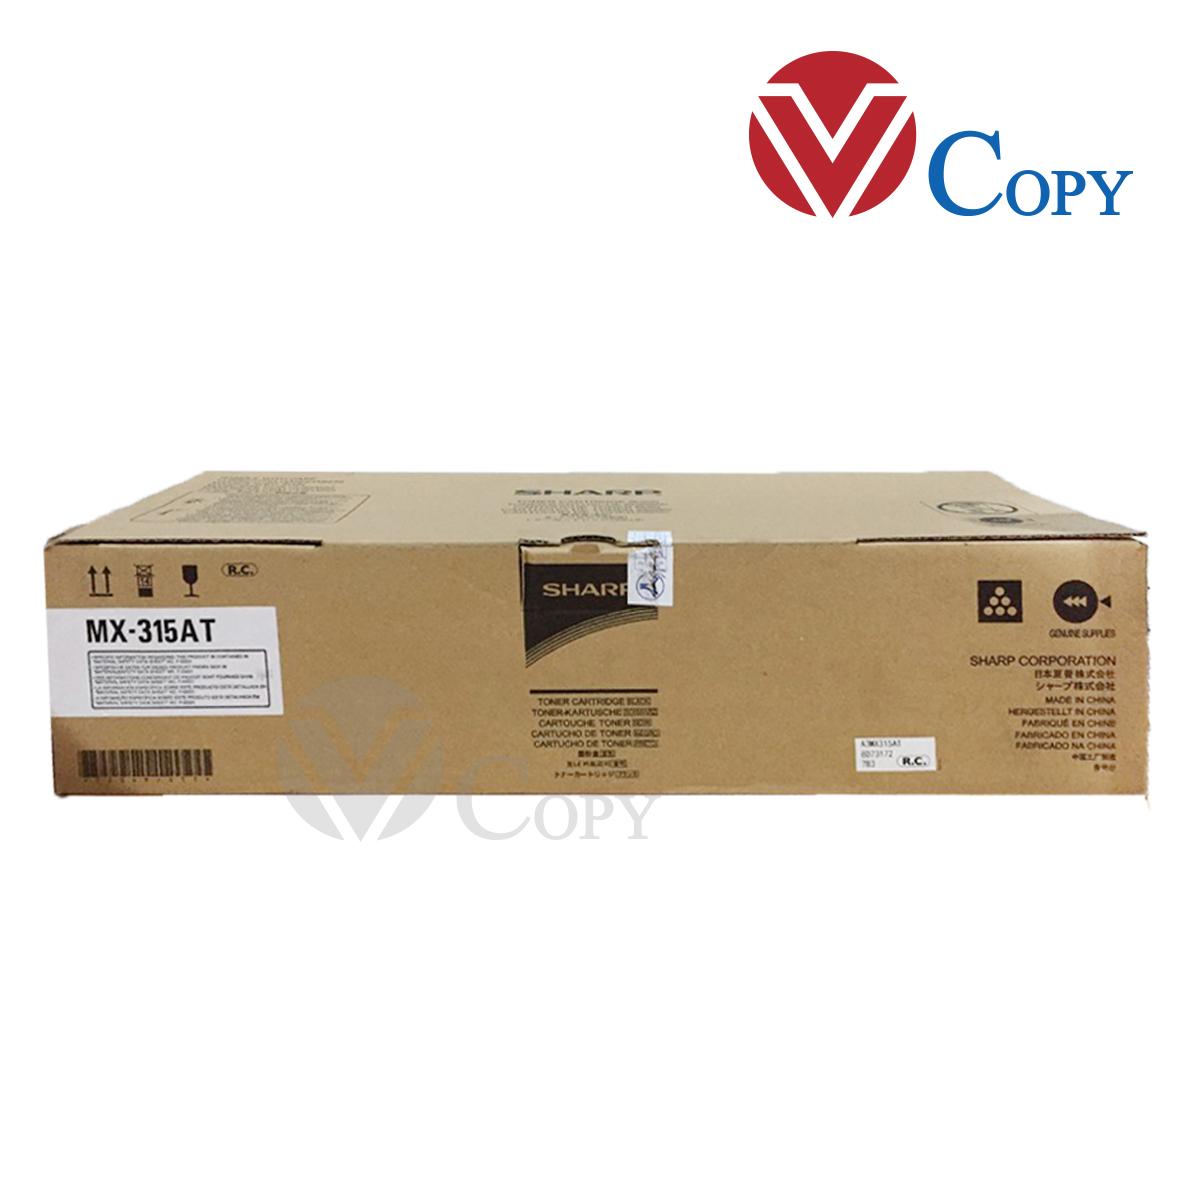 Mực Thương hiệu dùng cho máy photocopy Sharp M315N/MX-M265N (Cụm mực MX-315 AT)